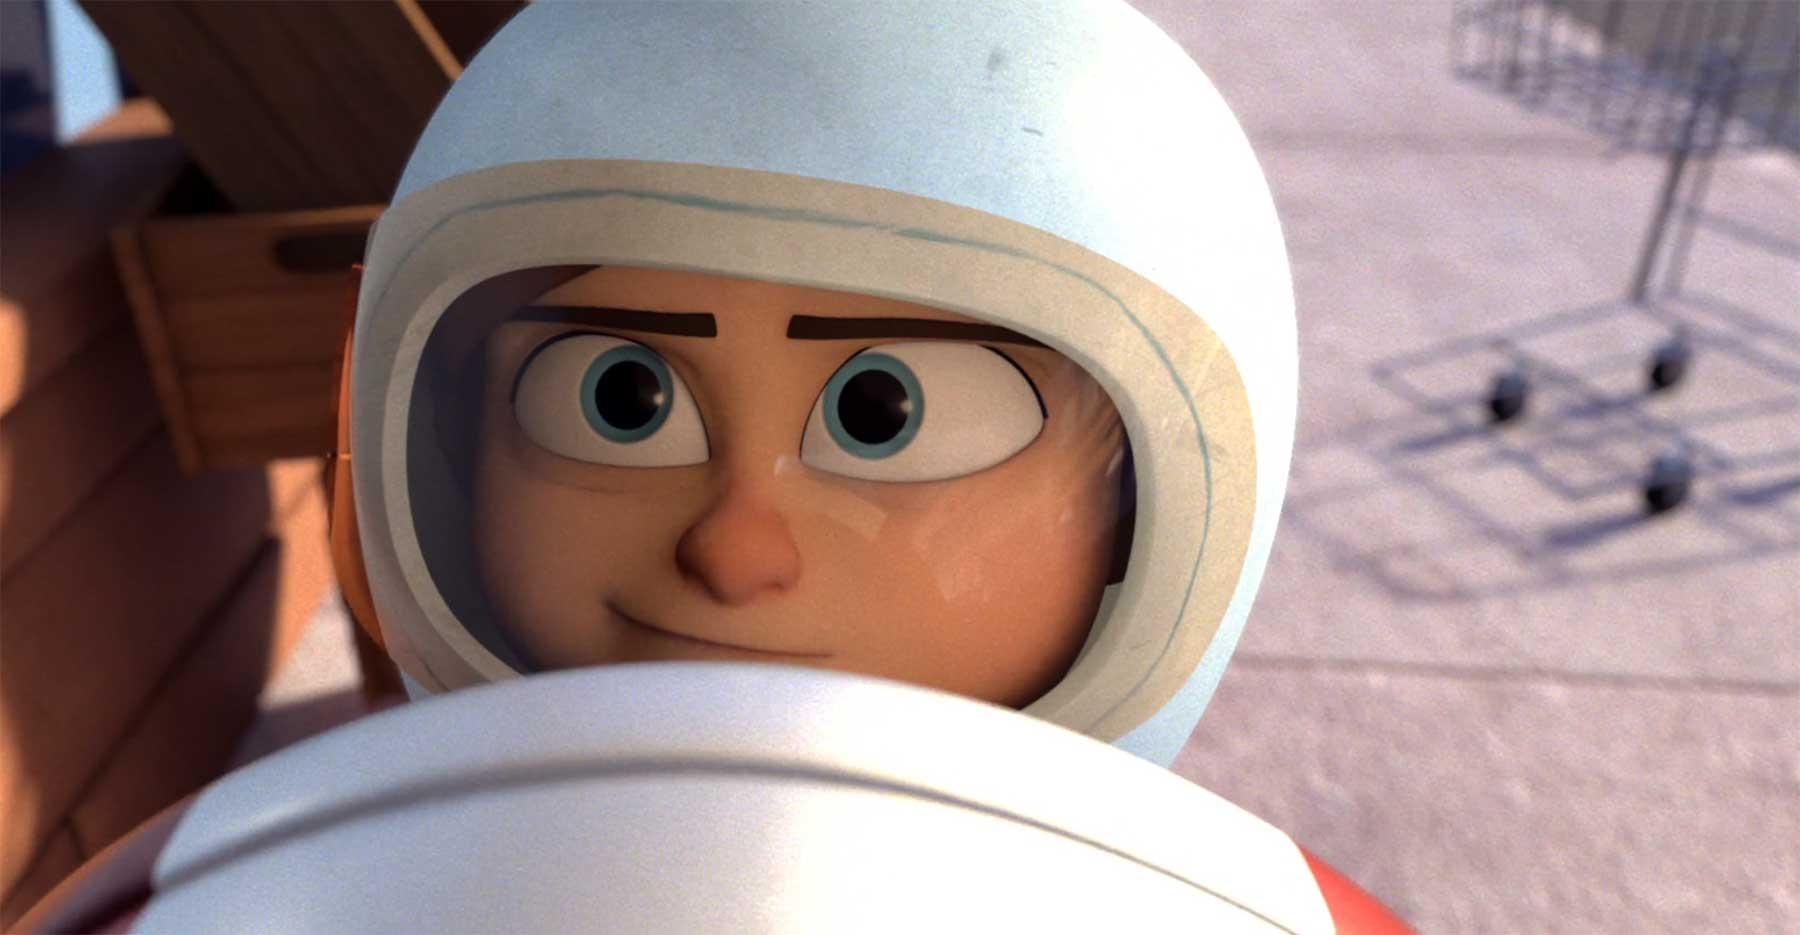 Wunderschön erzählter Astronauten-Traum eines Jungen